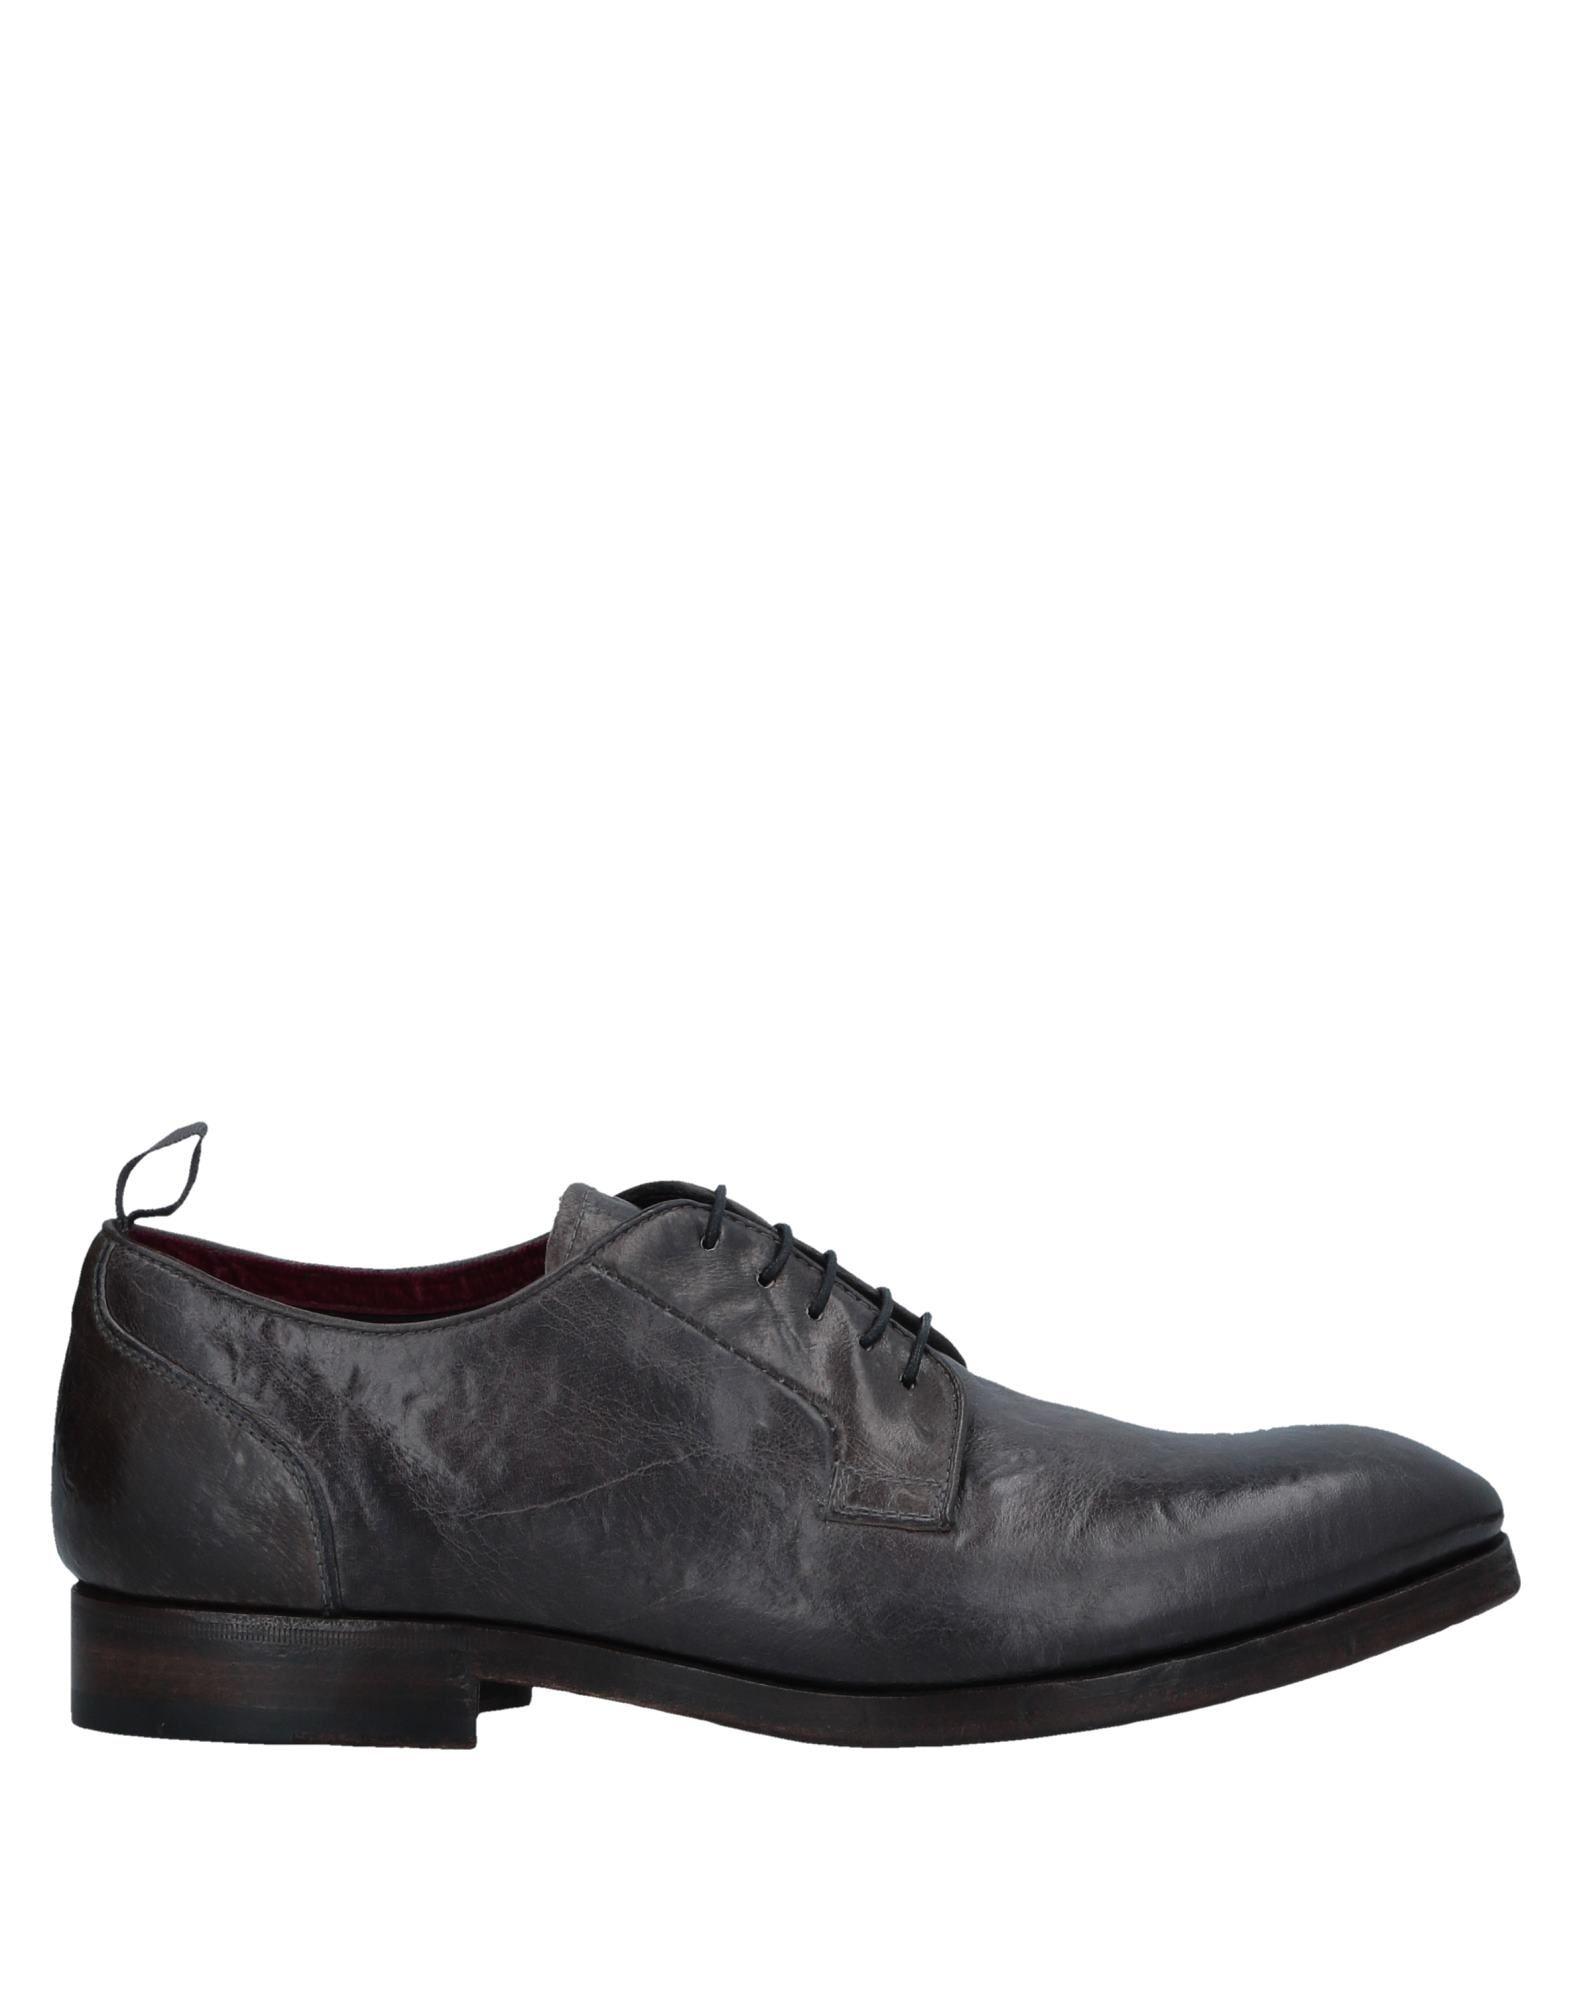 Barracuda Schnürschuhe Herren  11532148VP Gute Qualität beliebte Schuhe